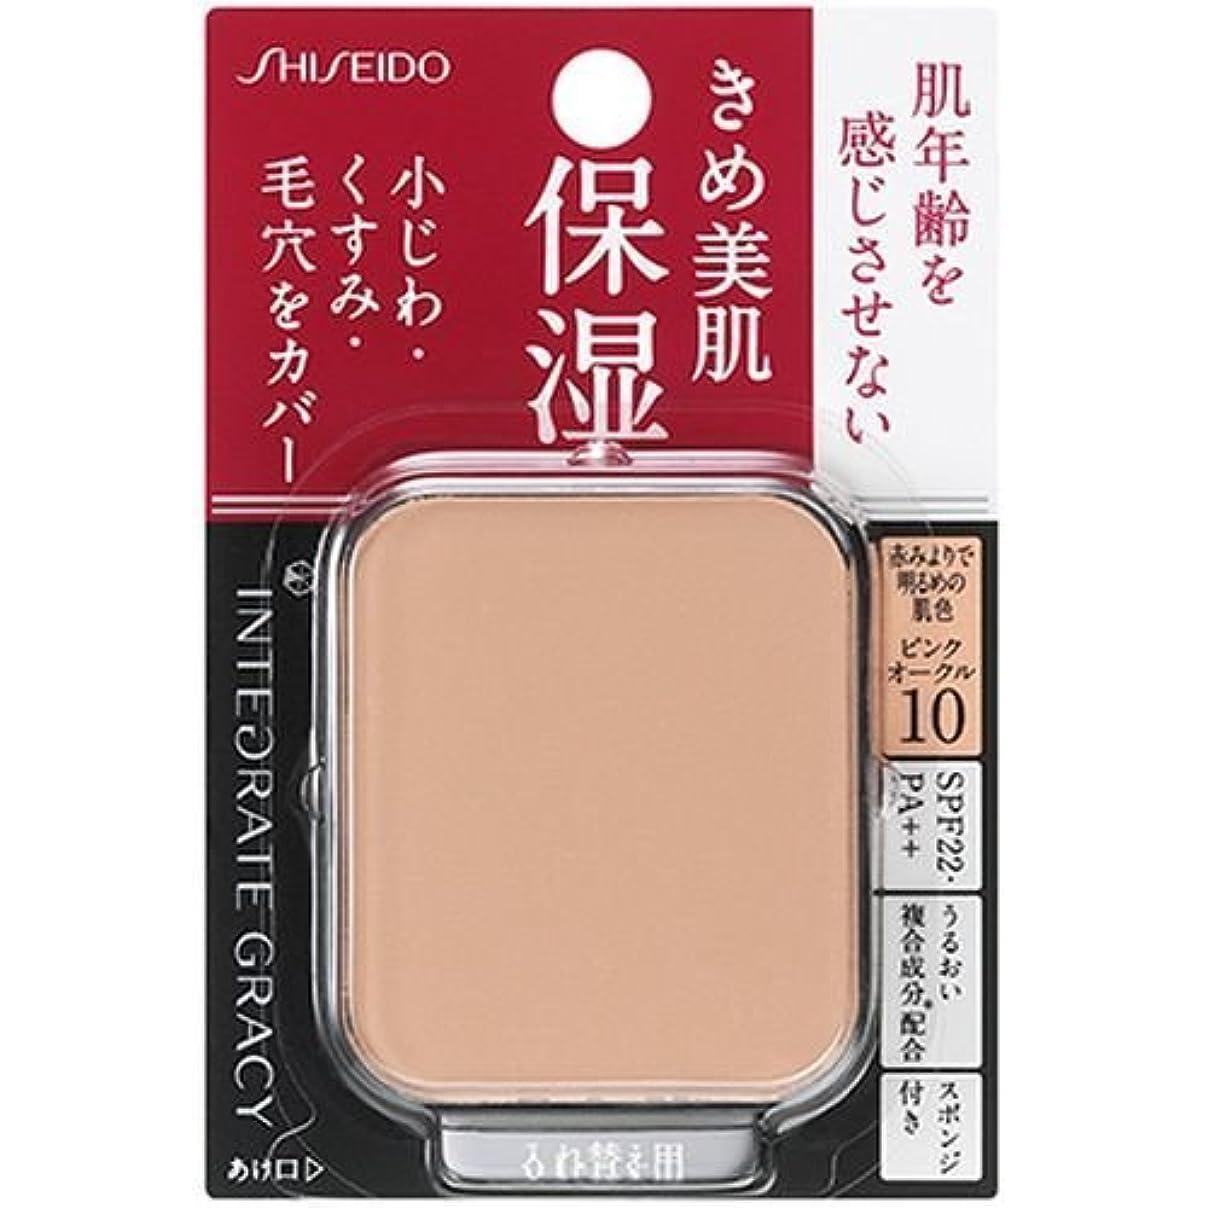 蓮泥棒バリー資生堂 インテグレート グレイシィ モイストパクト ピンクオークル10(レフィル) 11g